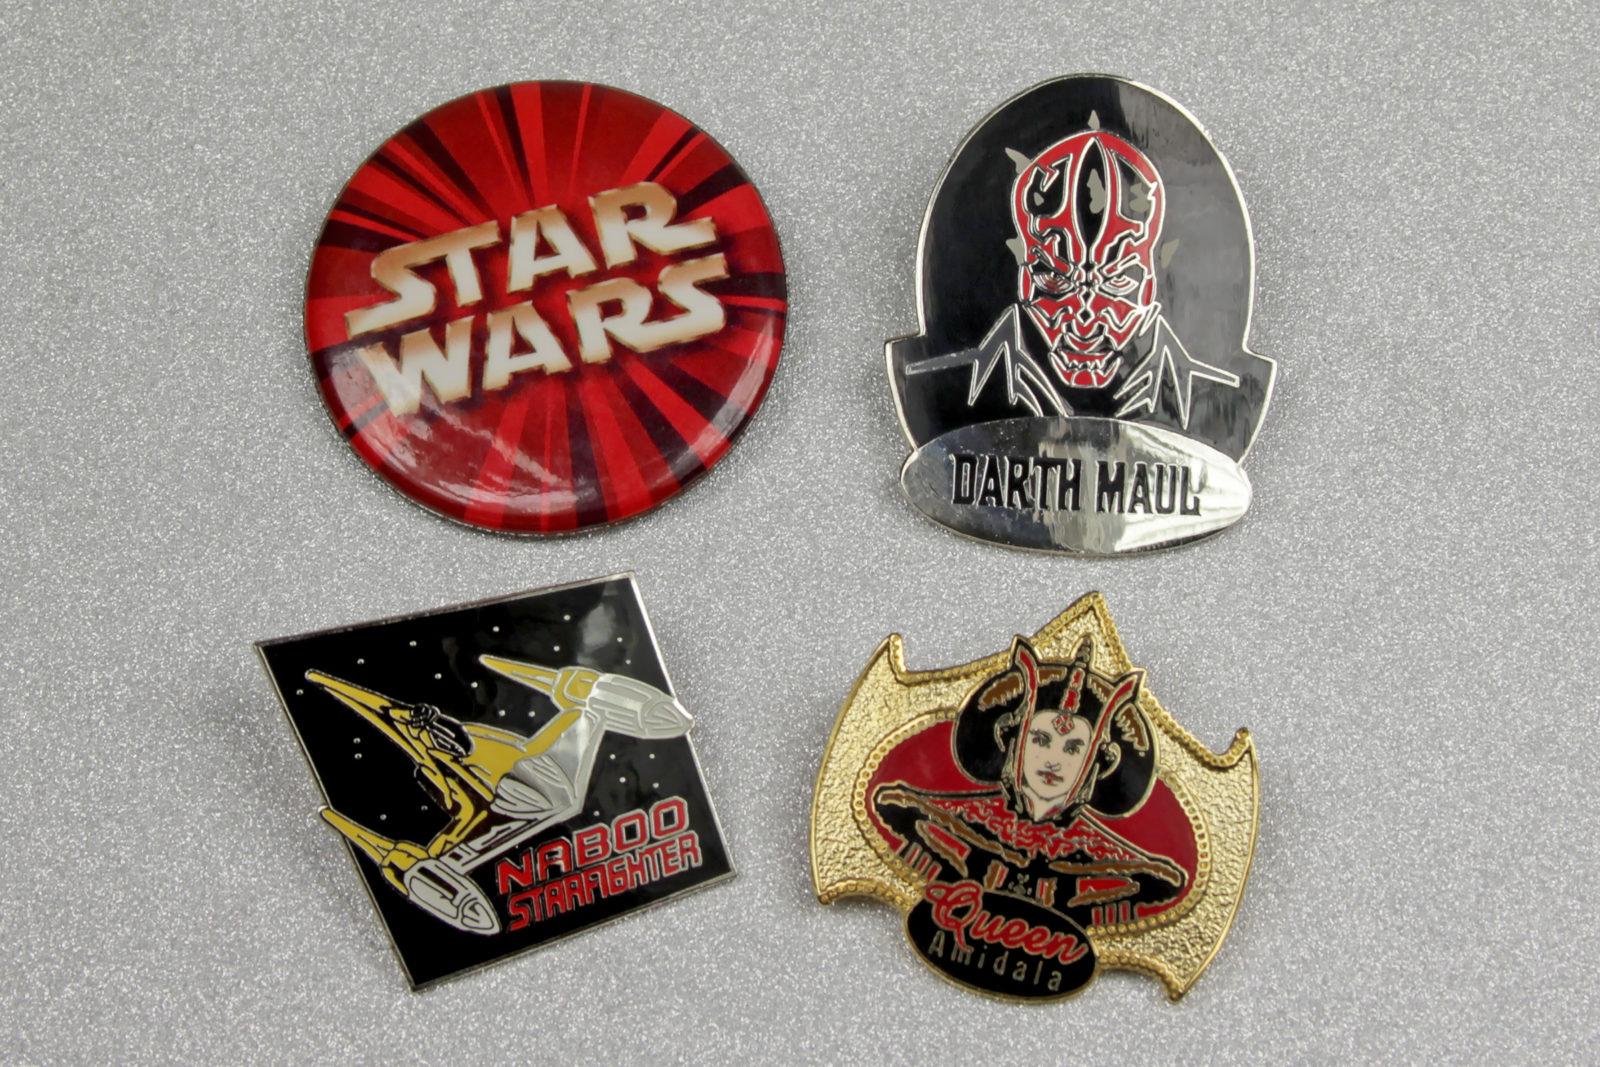 Star Wars The Phantom Menace Pins